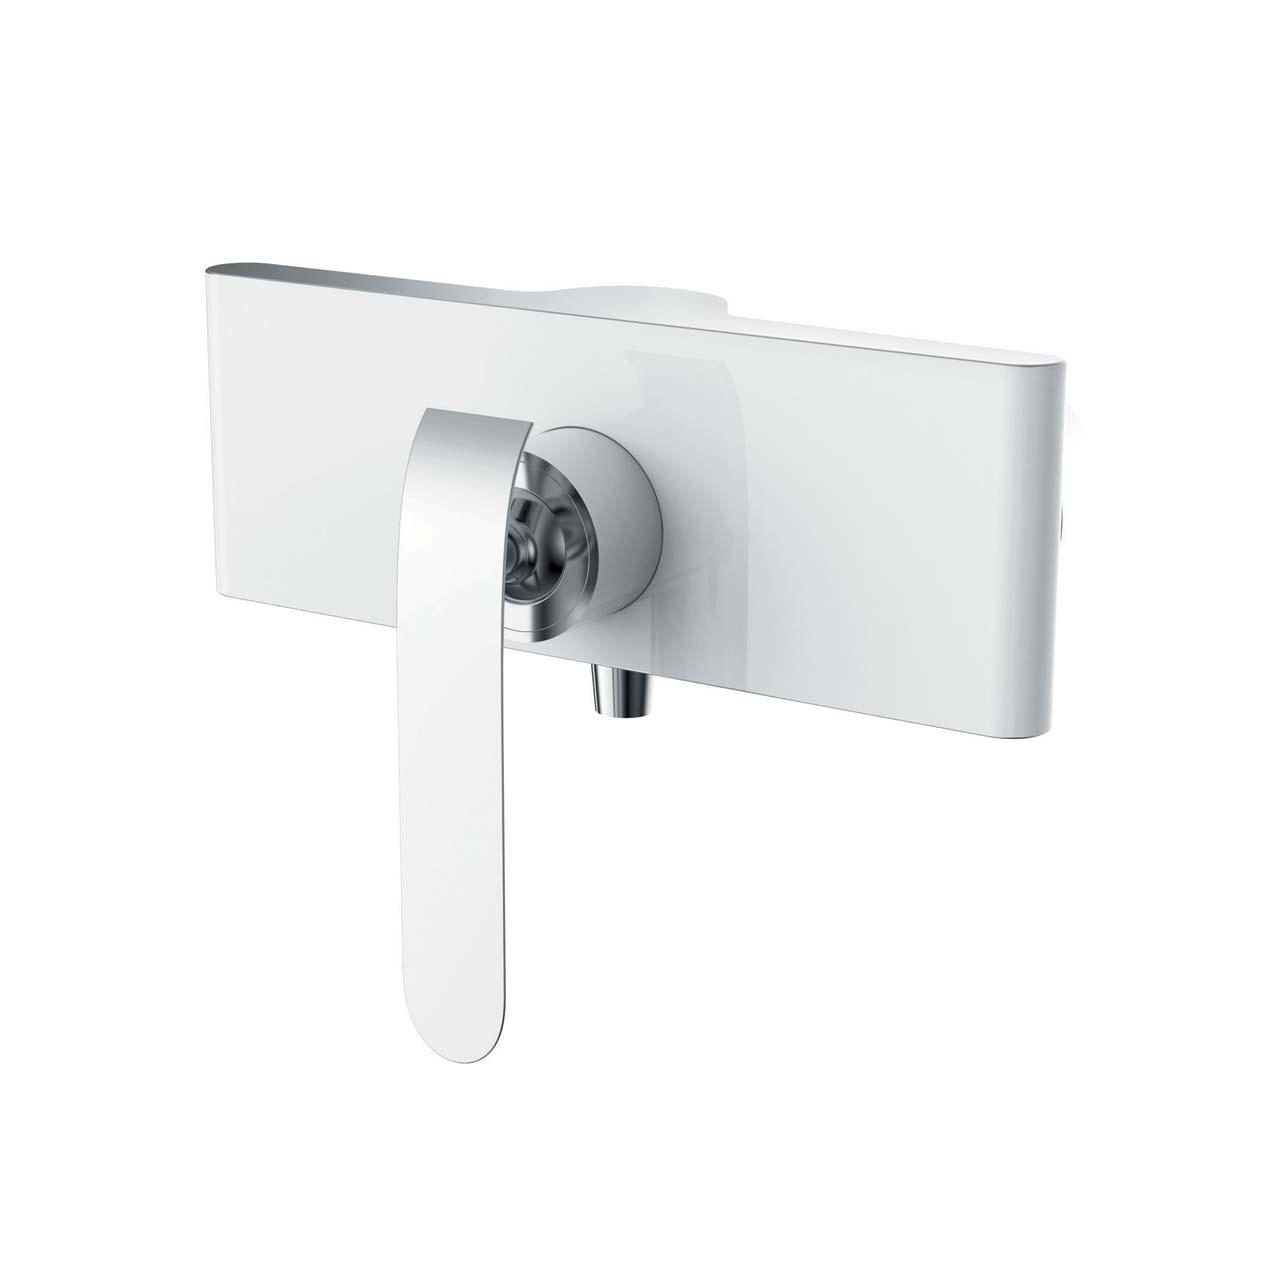 شیر توالت ویسن تین مدل BIANCO سفید کروم